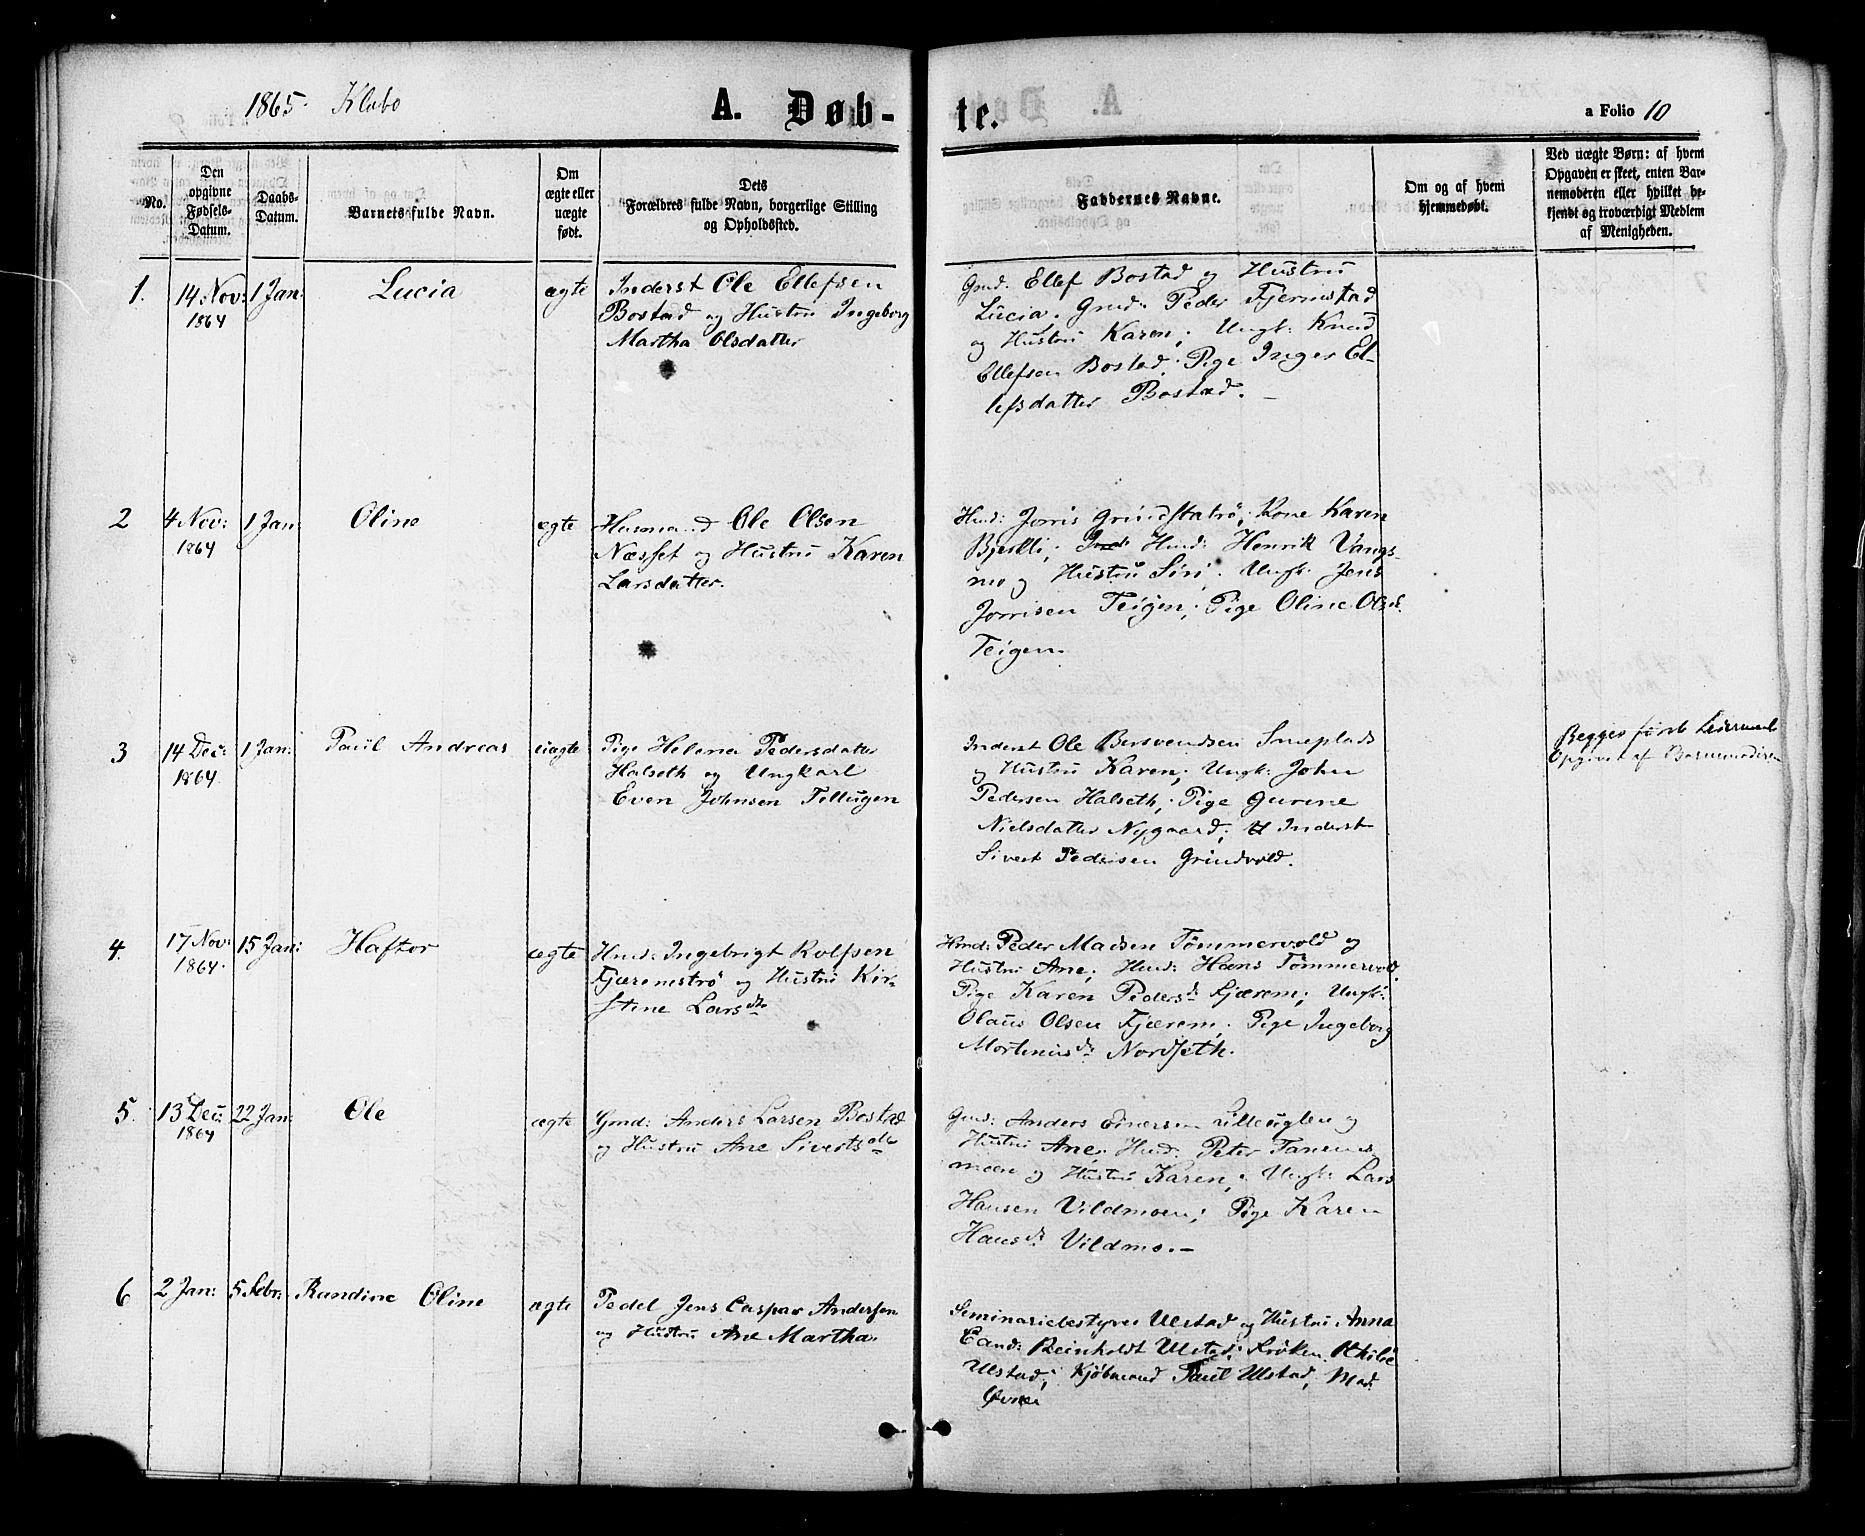 SAT, Ministerialprotokoller, klokkerbøker og fødselsregistre - Sør-Trøndelag, 618/L0442: Ministerialbok nr. 618A06 /1, 1863-1879, s. 10